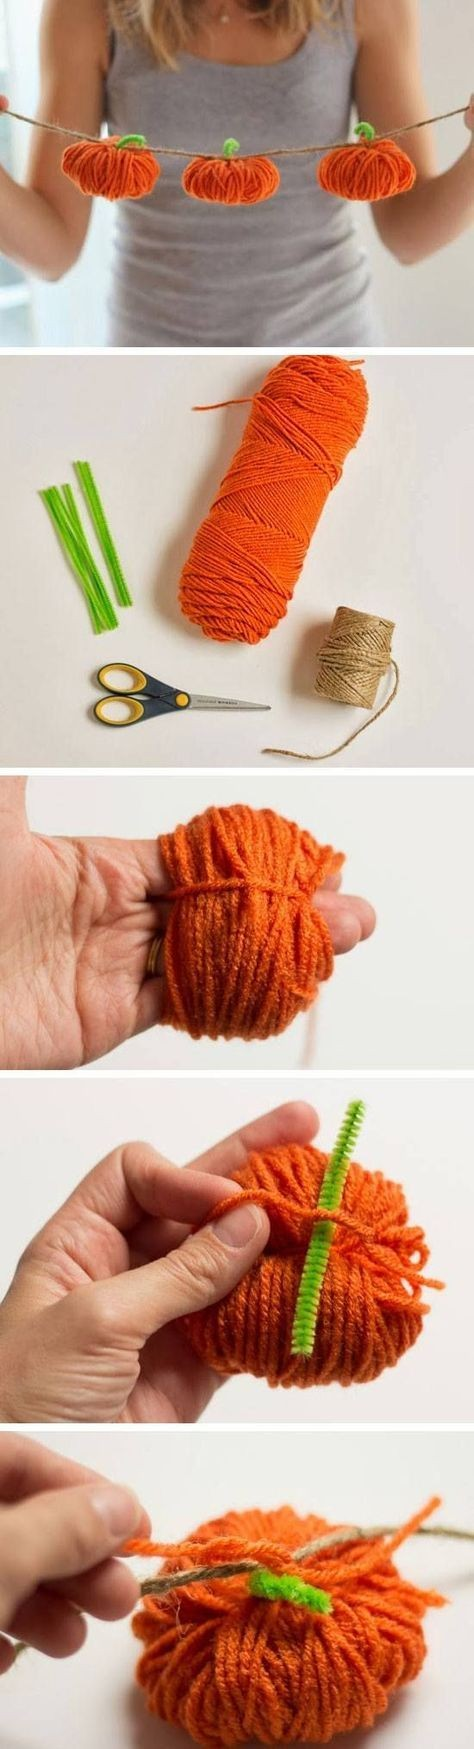 Varal de abóbora (Foto: Reprodução/Pinterest)